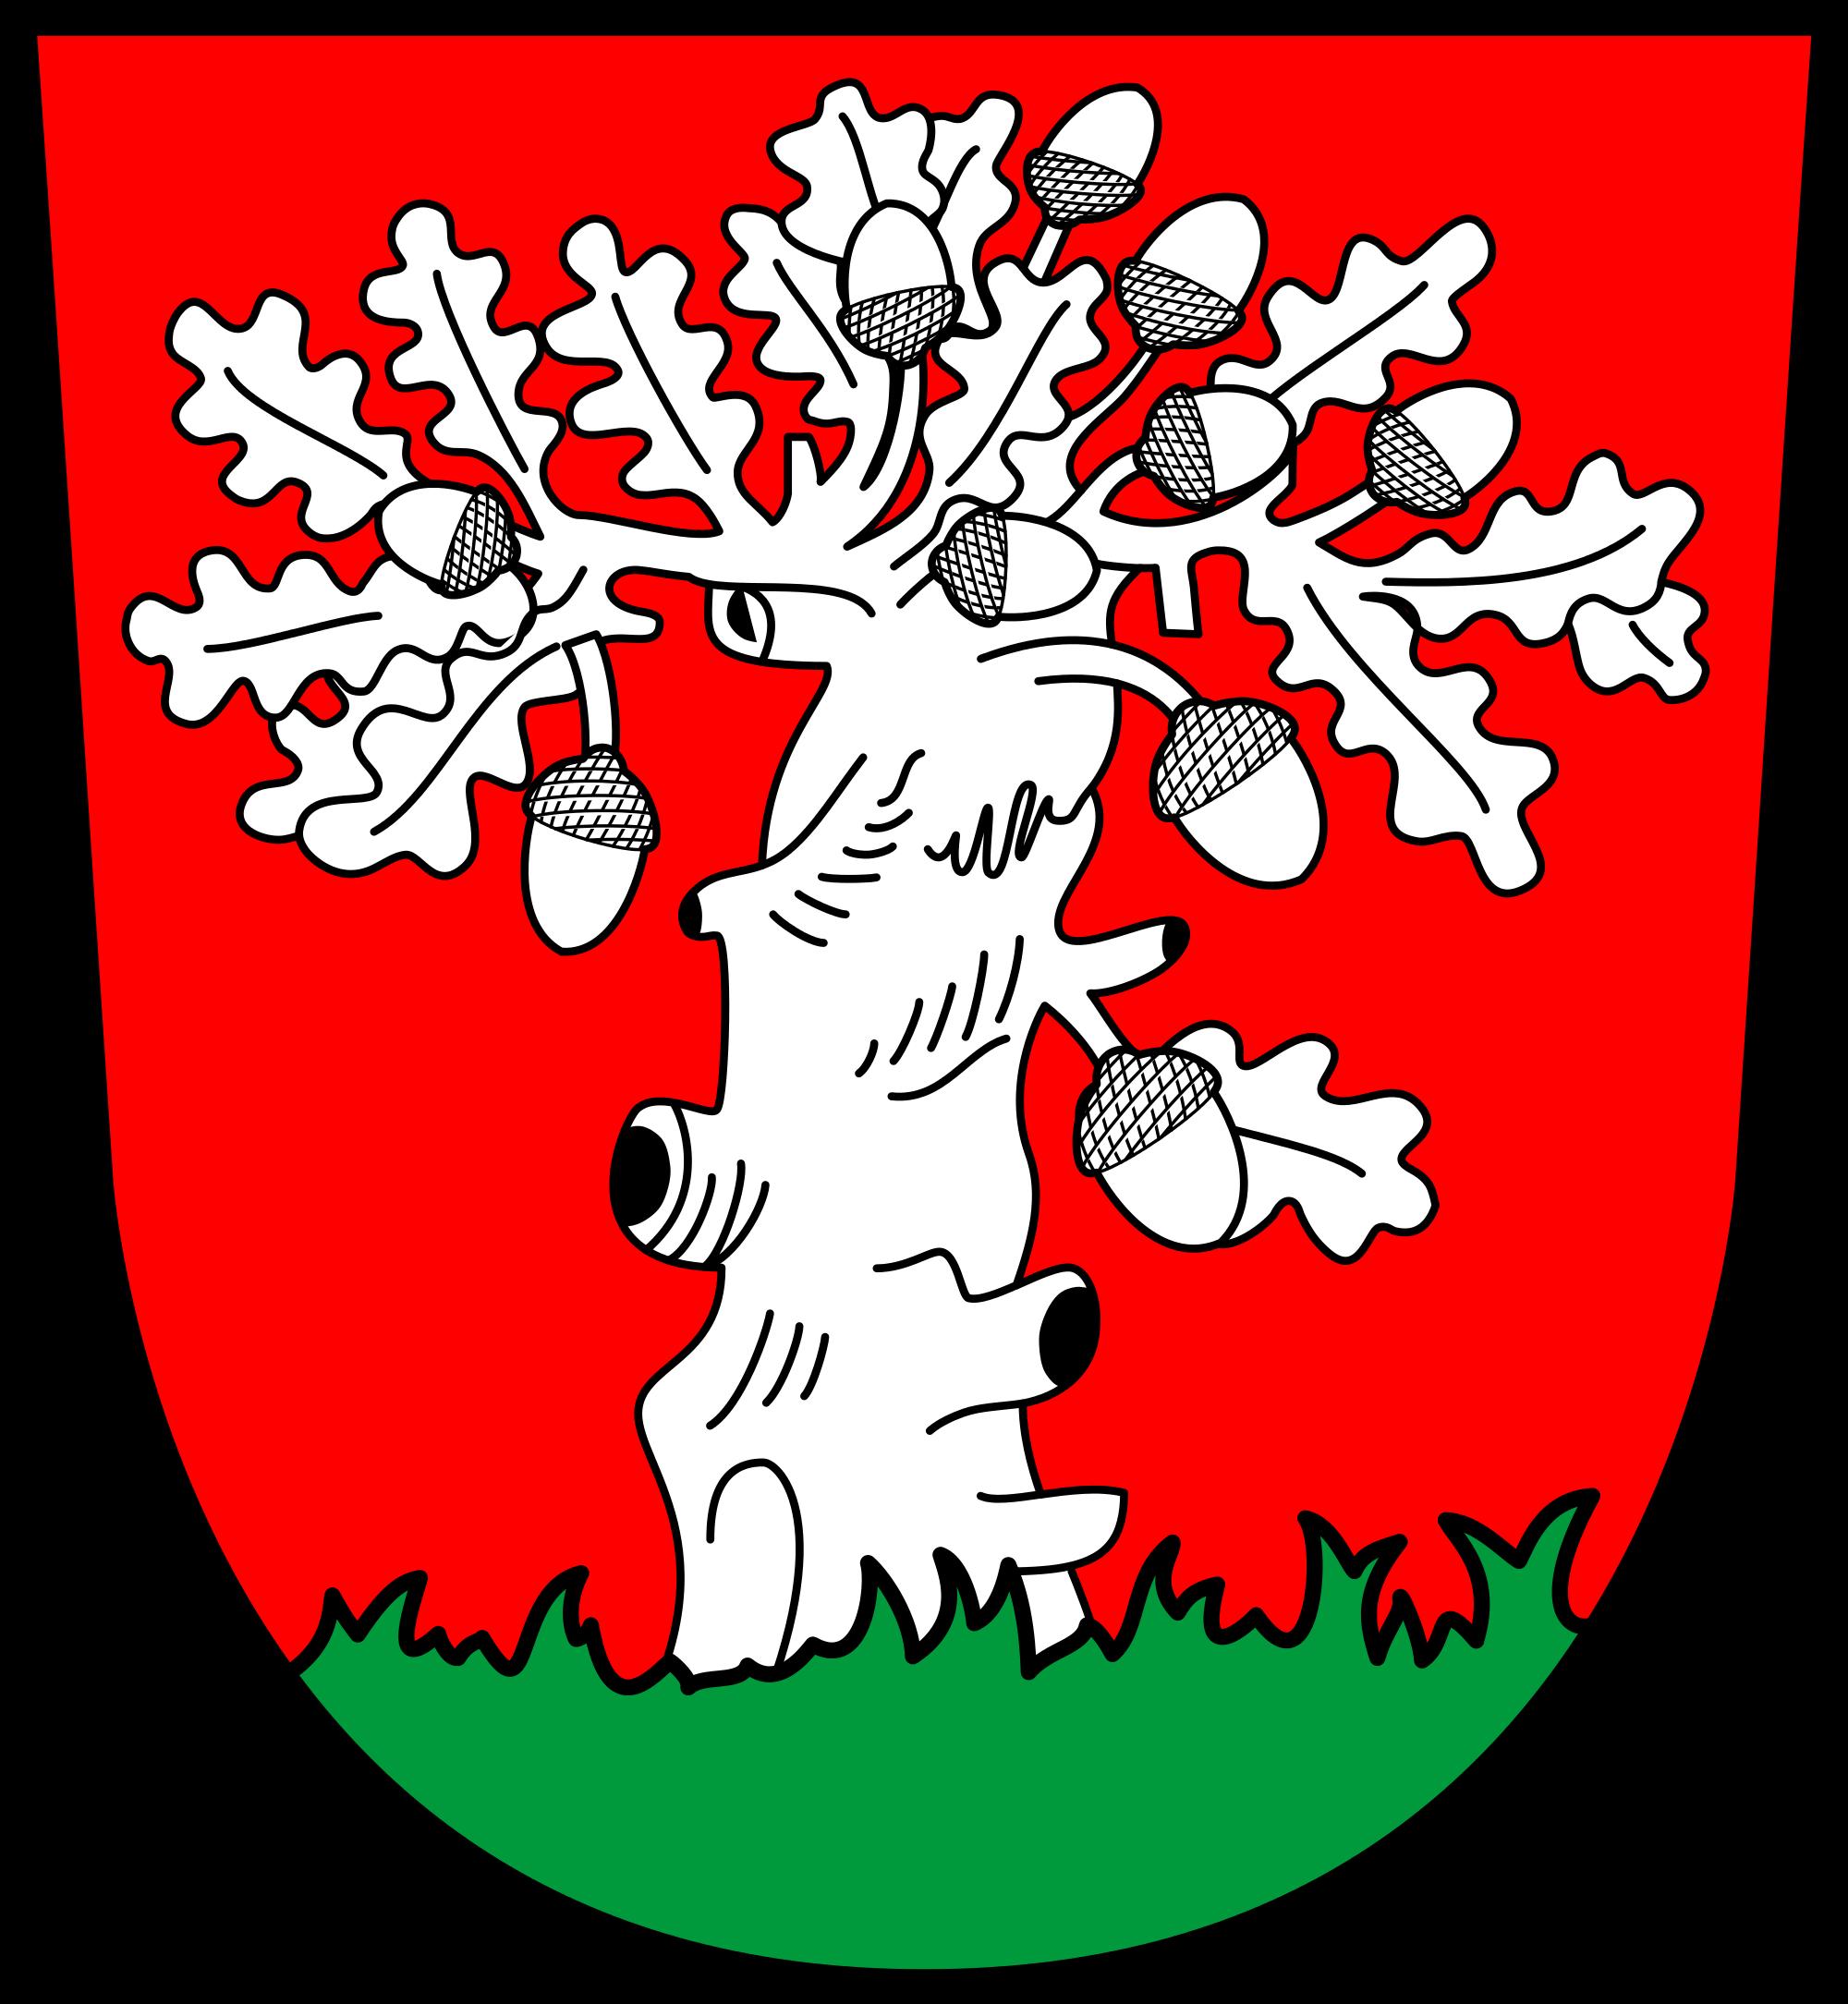 Wappen Walldorf (mit Bildern) Wappen, Familienwappen, Emblem